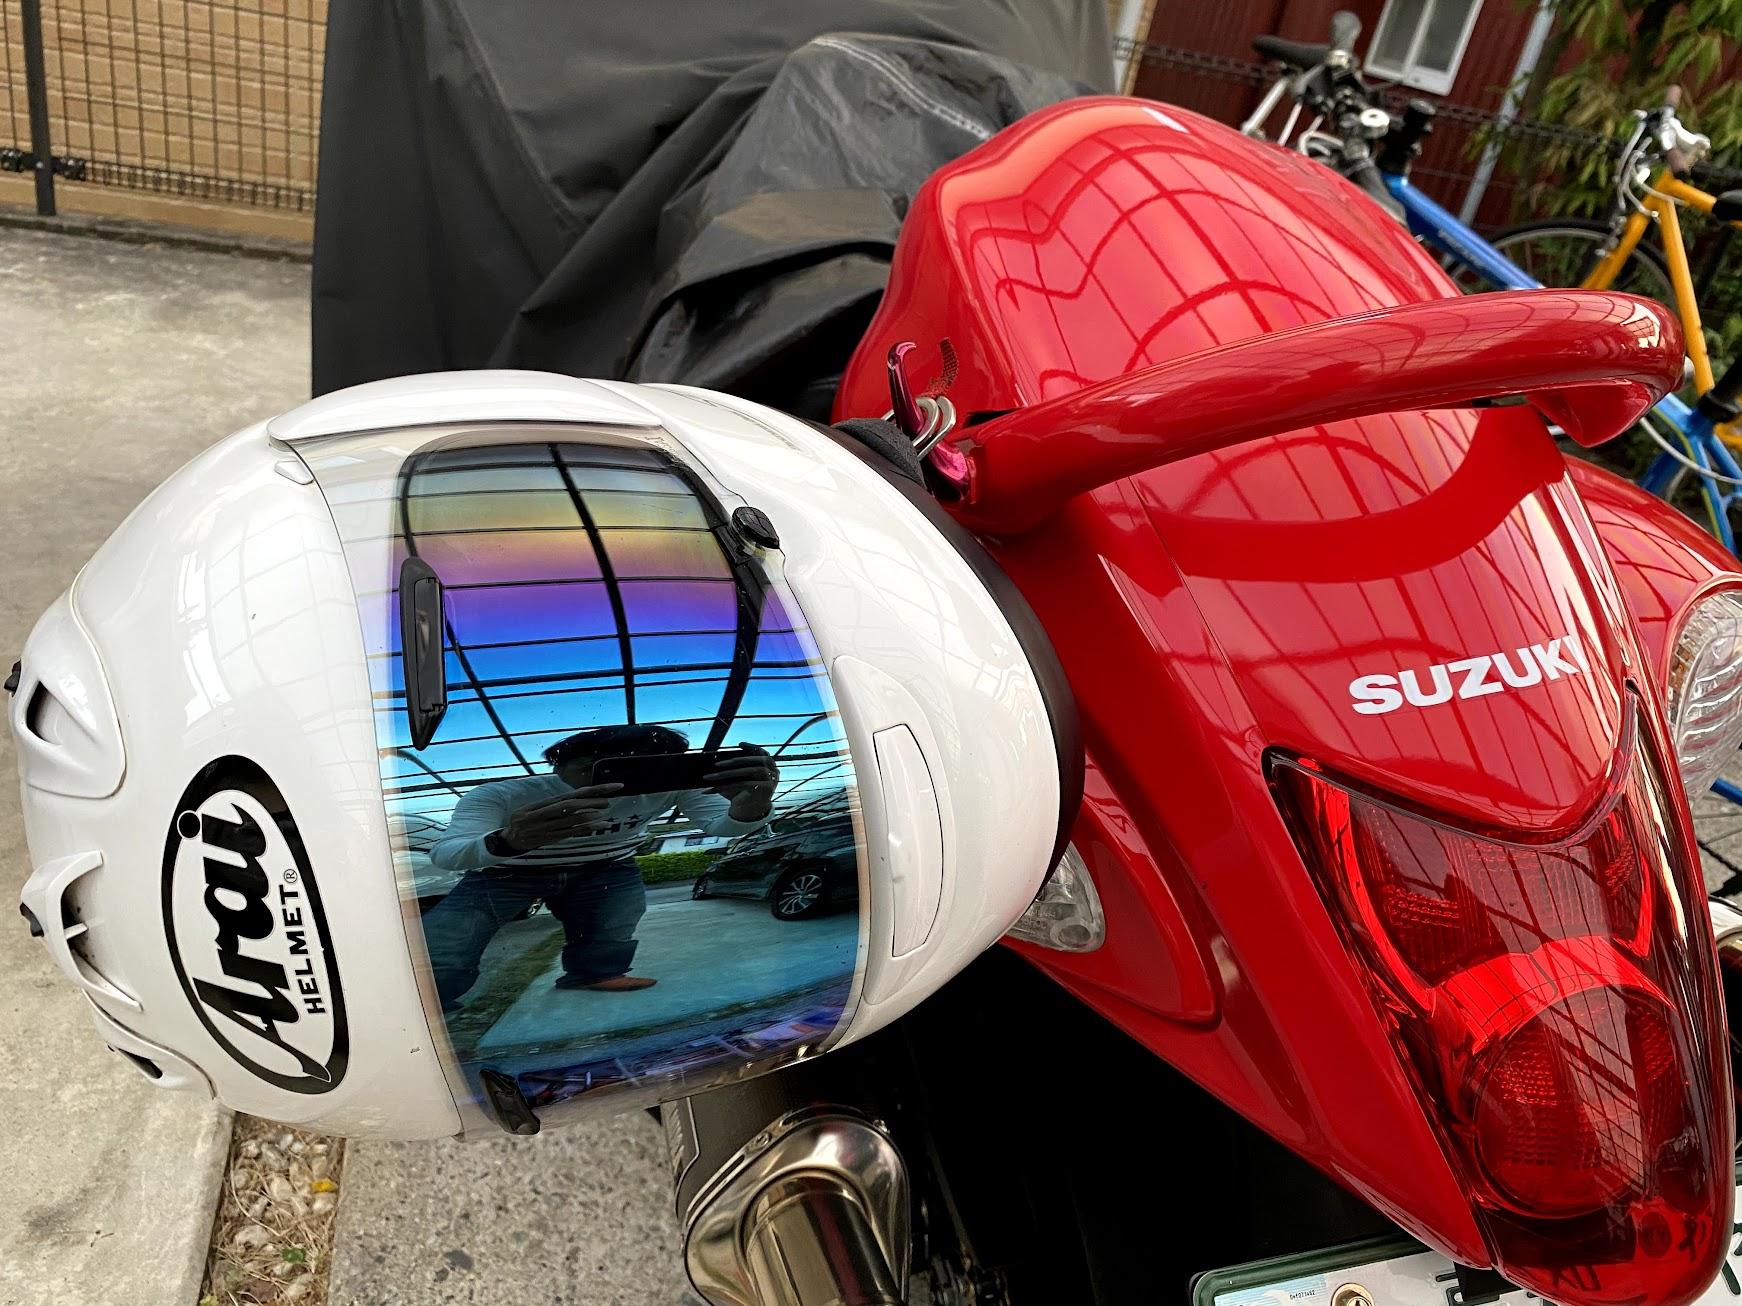 ヘルメットをかけてみました